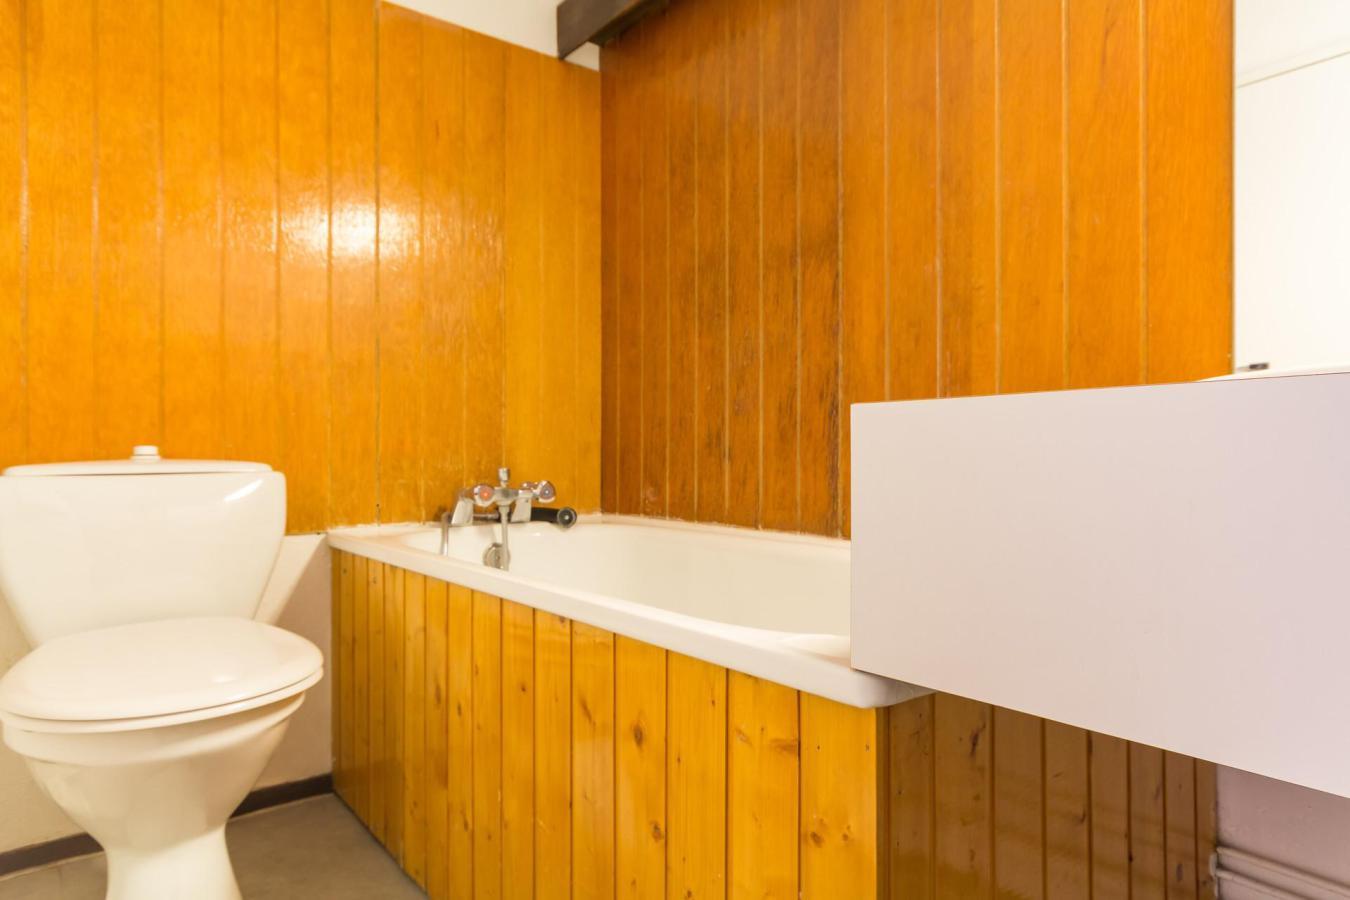 Location au ski Studio 4 personnes (A2L143) - Residence Aime 2000 - Le Diamant - La Plagne - Baignoire